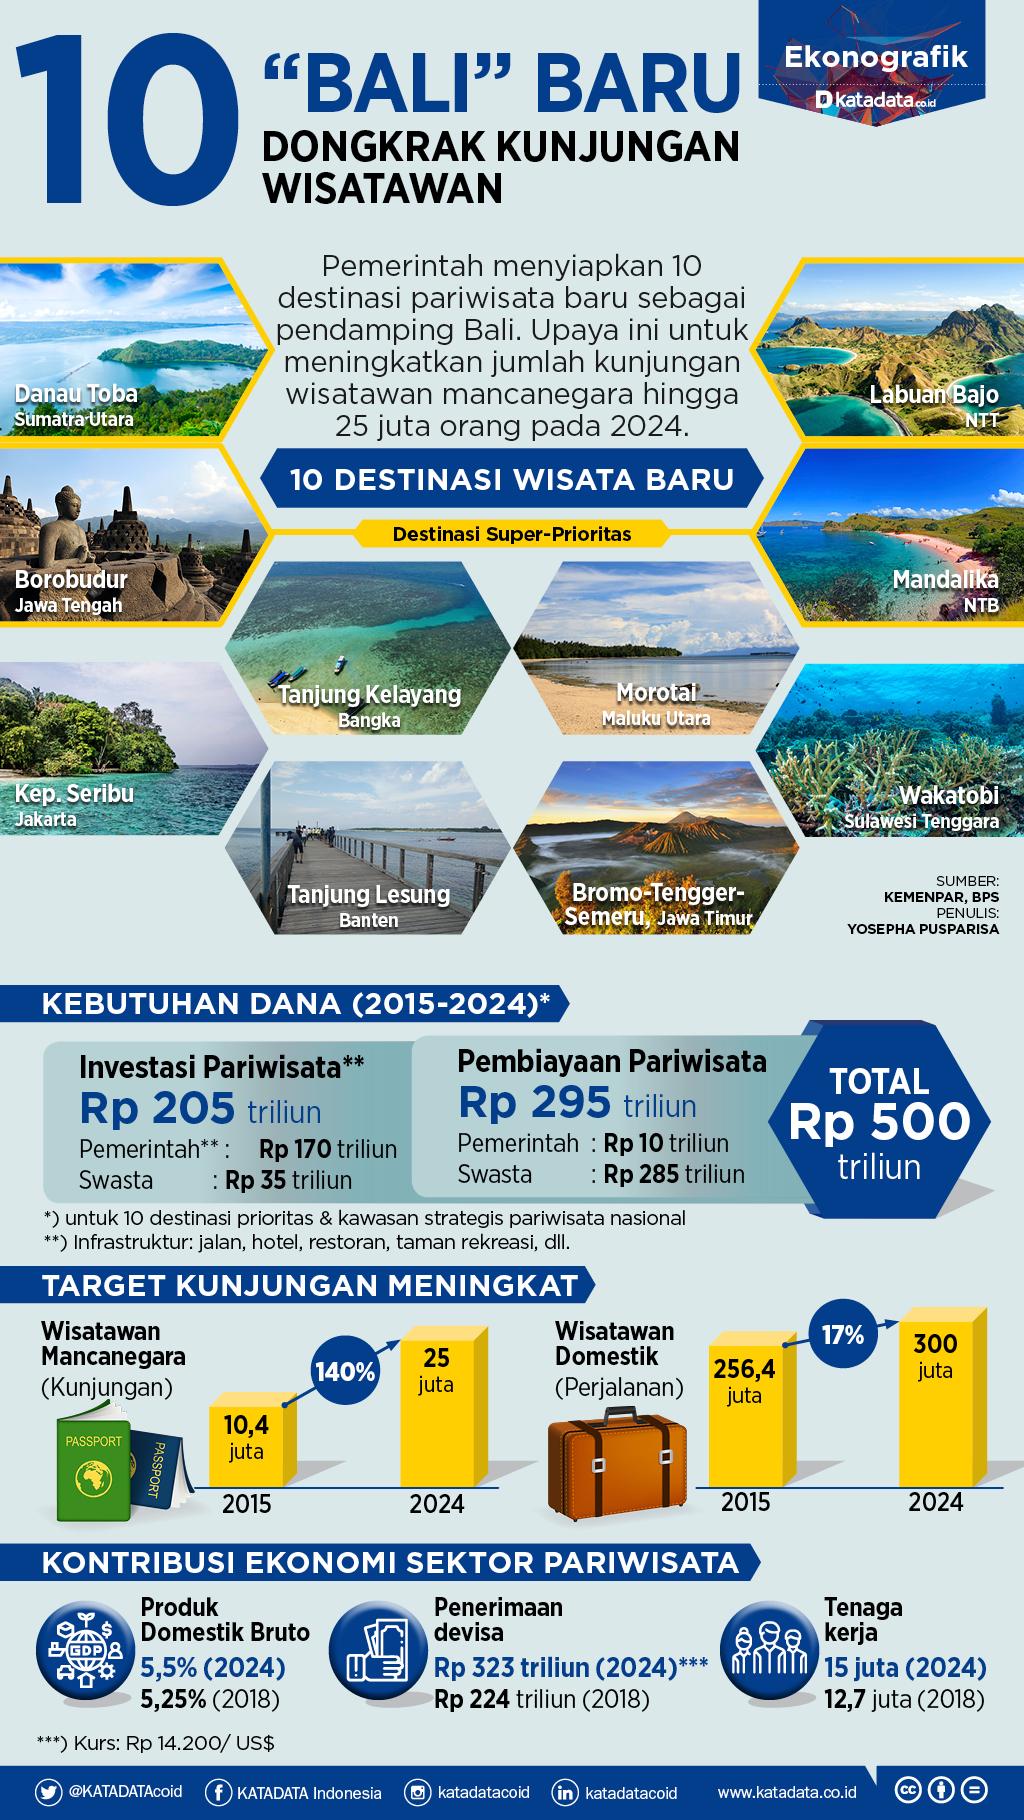 Target dan Nilai Ekonomi dari 9 Destinasi Wisata Baru